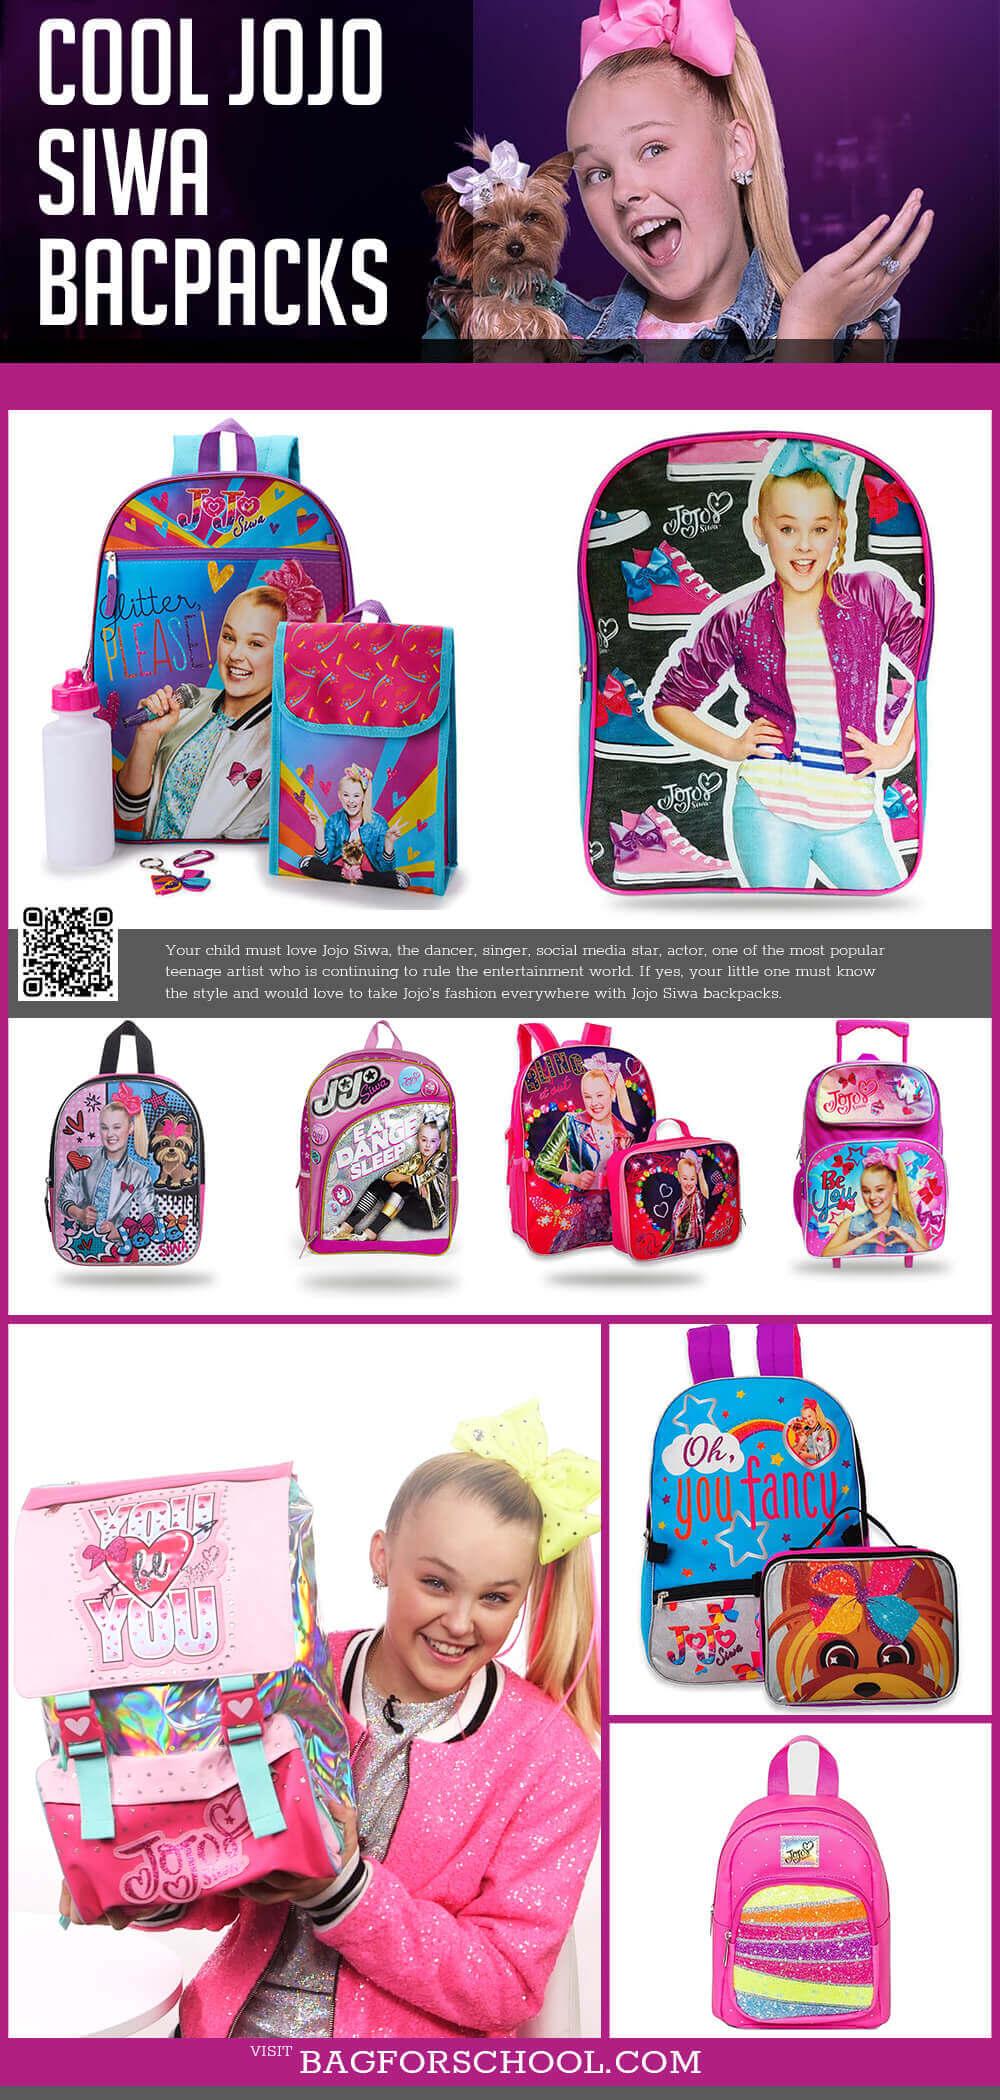 Jojo Siwa Backpacks